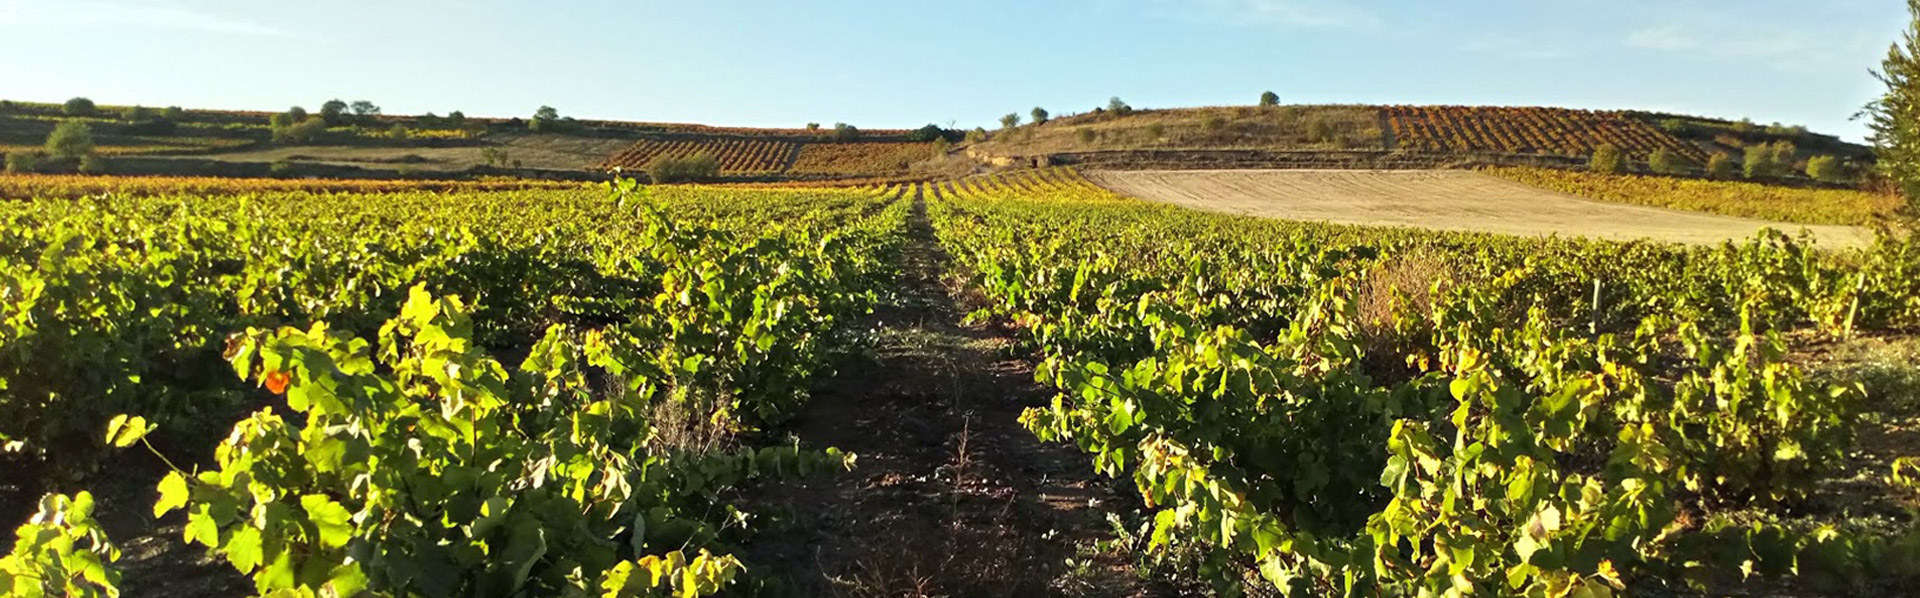 @nuestros_vinedos-slider_vinedo_crop-bodega_el_arca_de_noe